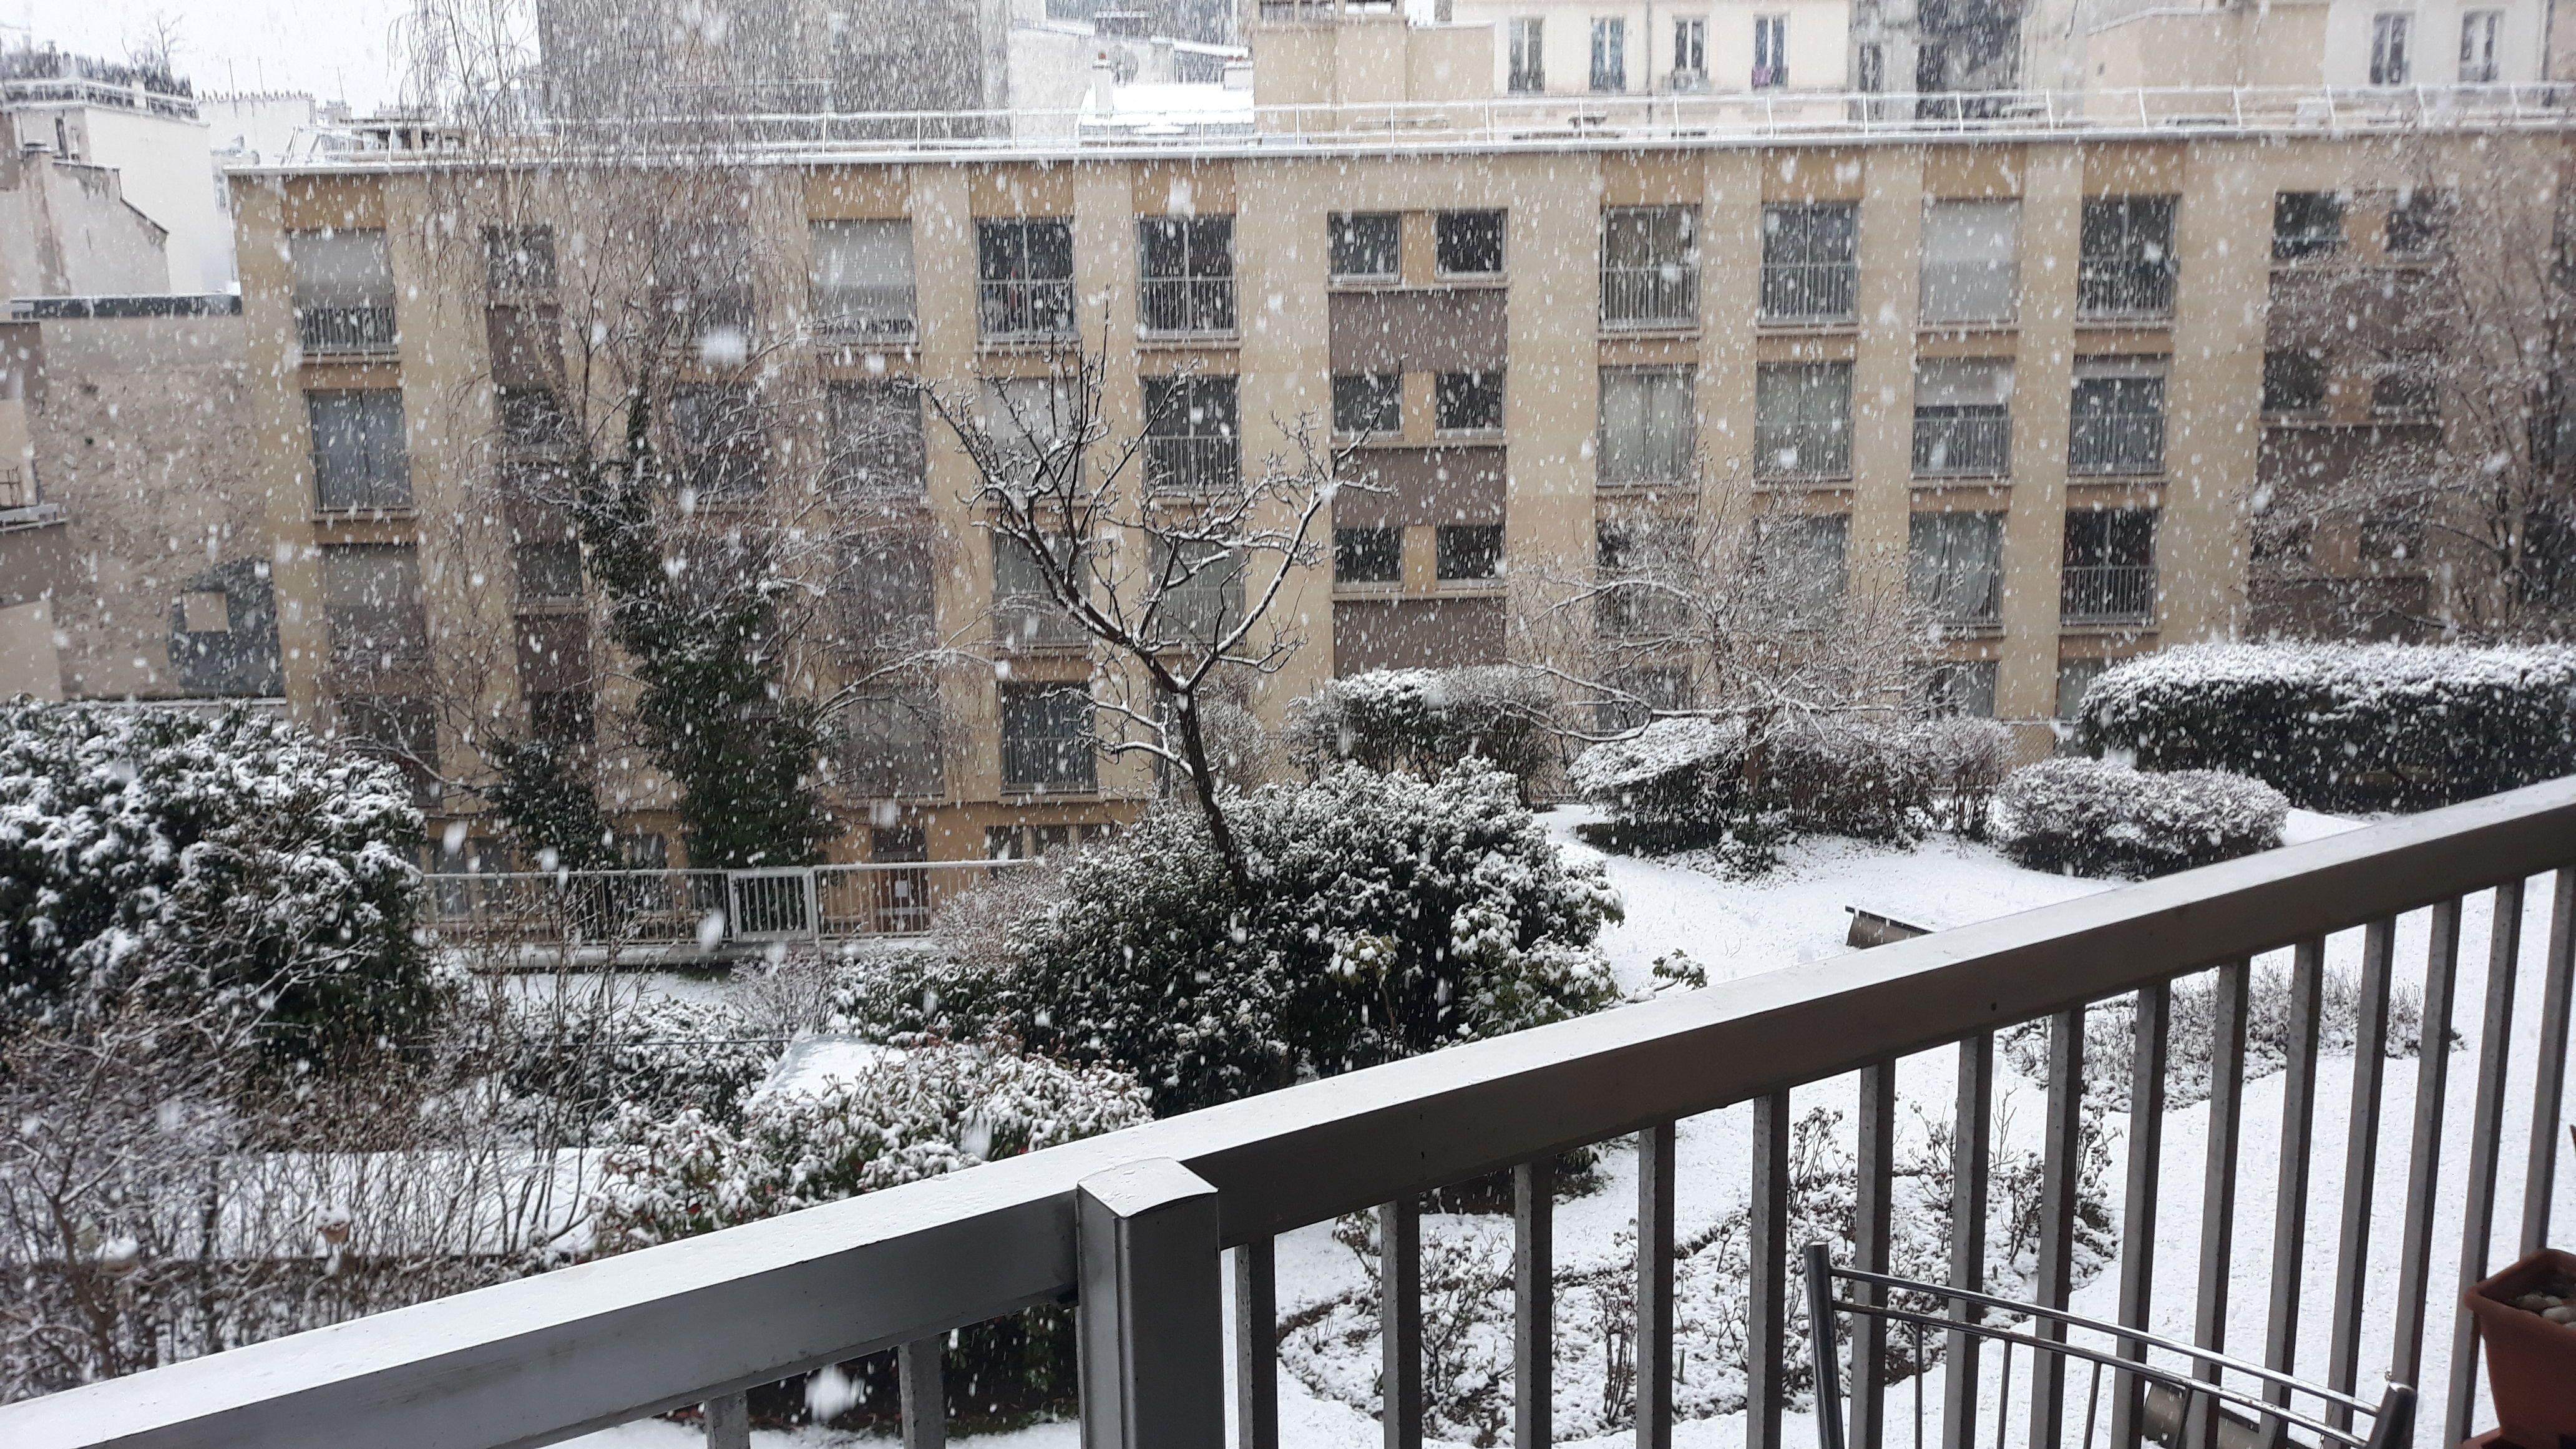 Chambre-à-louer-Paris 18ème arrondissement-jeanluc18e